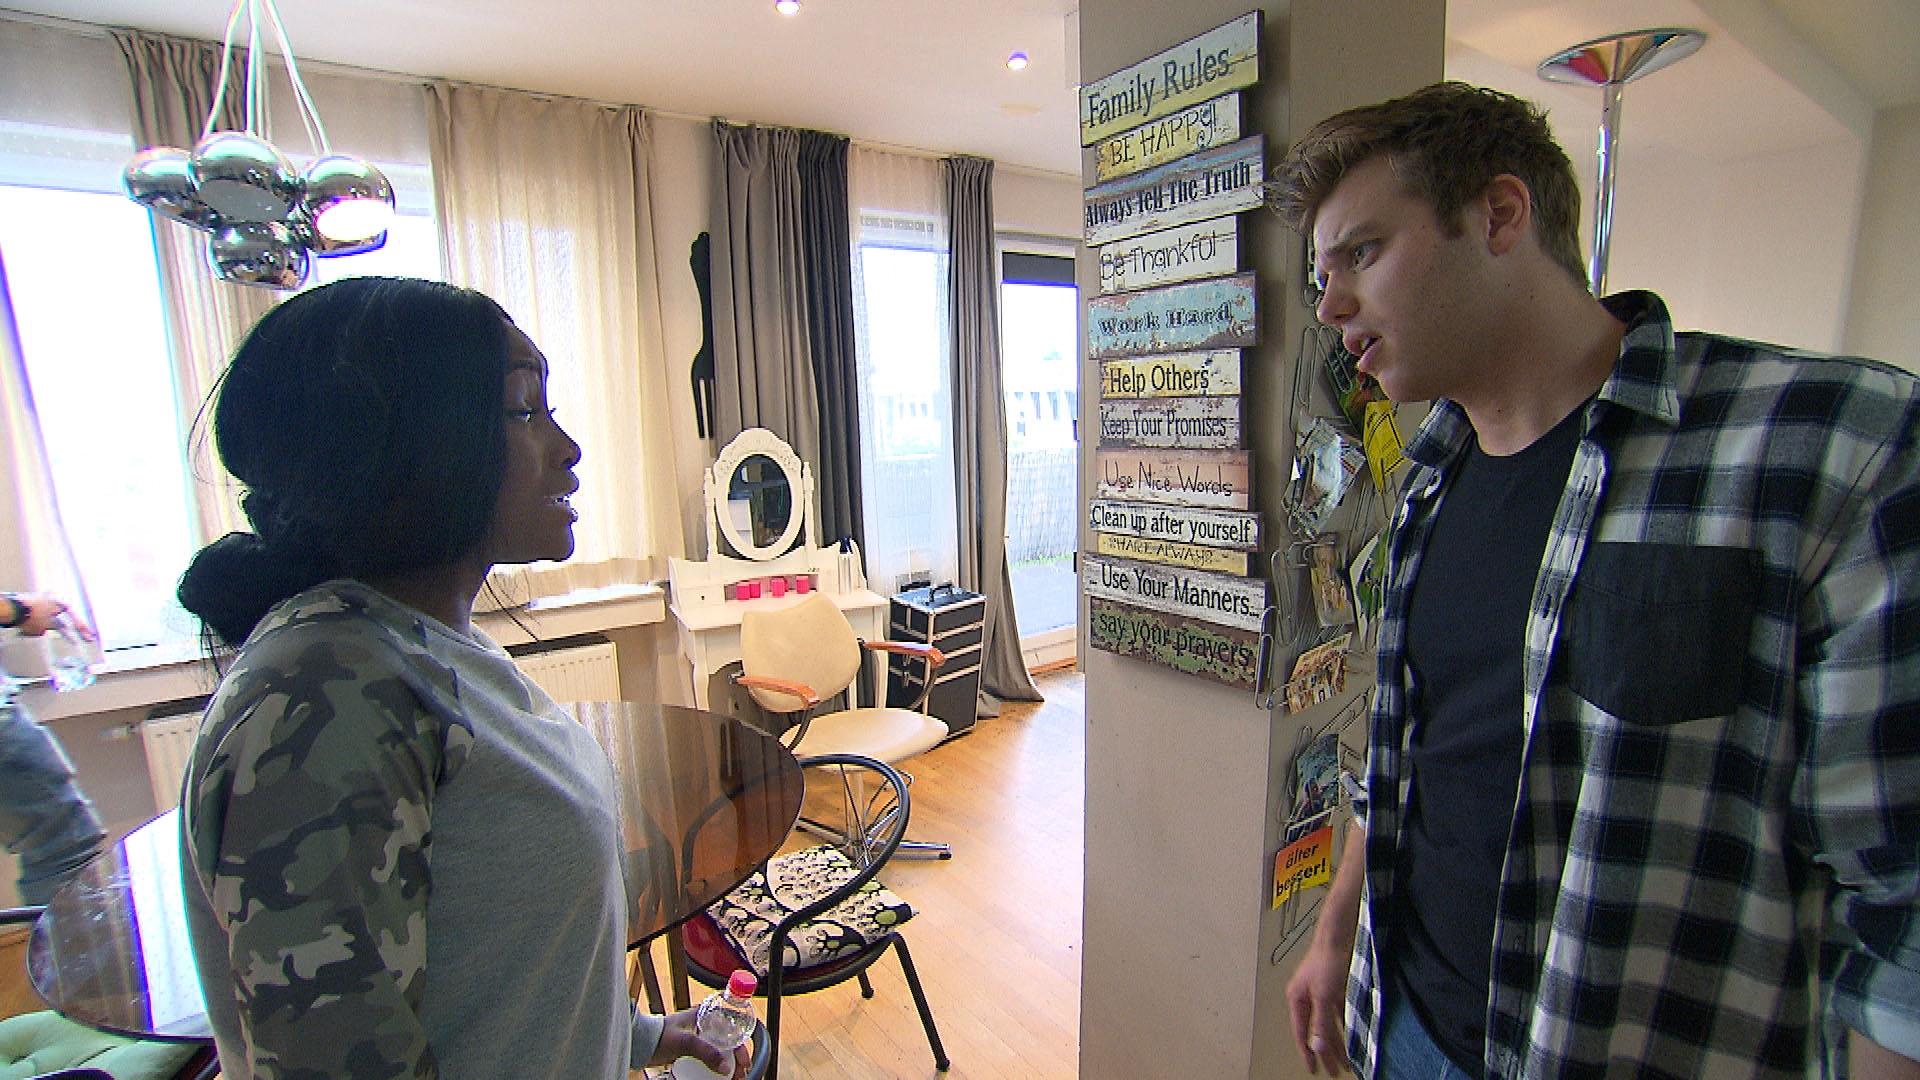 Michelle,li.und Felix,re.sind laut Gerücht ein Paa..das Gerücht nervt Michelle. (Quelle: RTL 2)